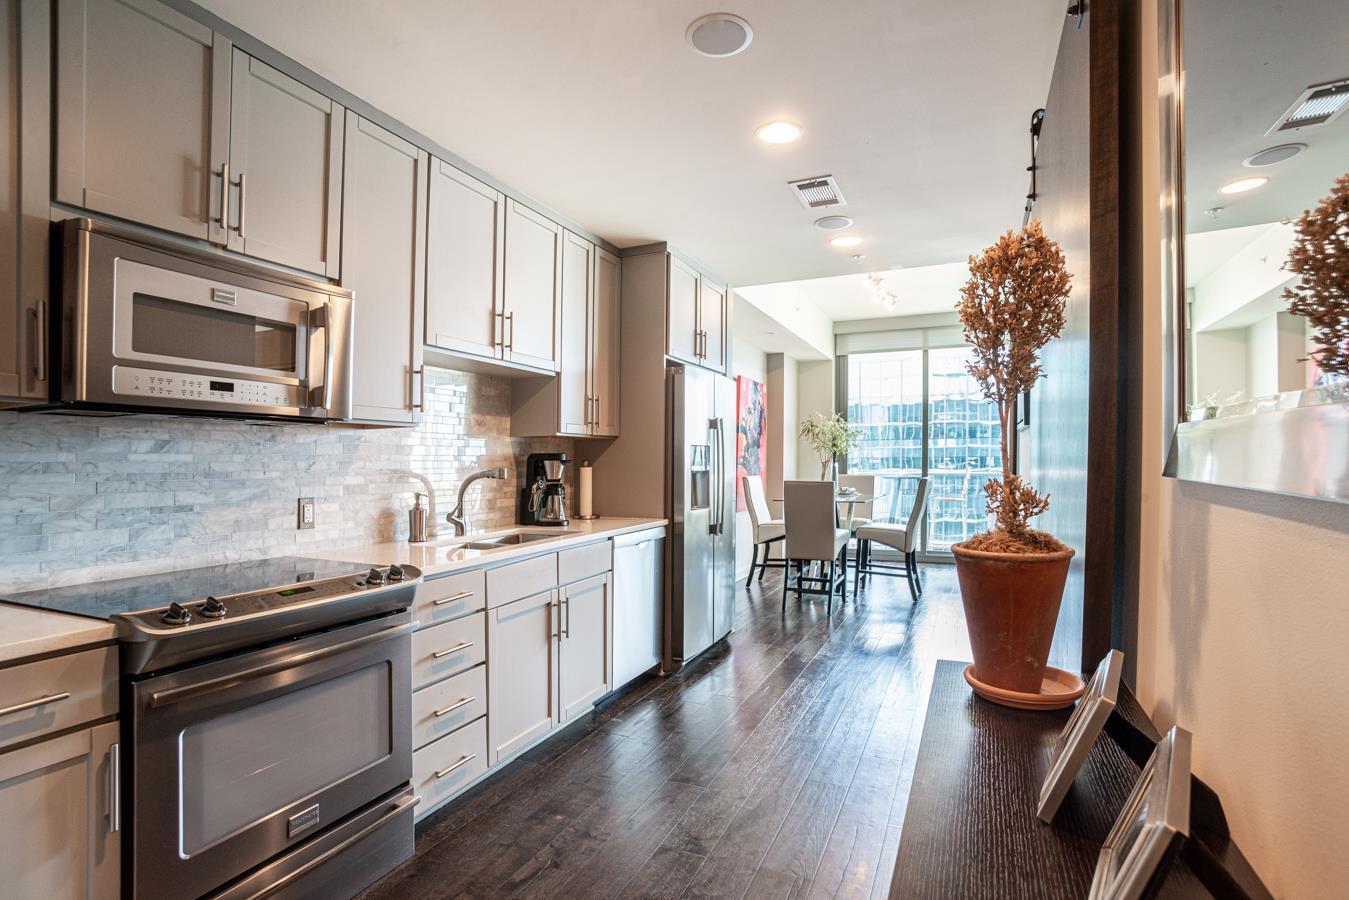 One of Nashville - Midtown 1 Bedroom Homes for Sale at 1212 Laurel St Apt 1612